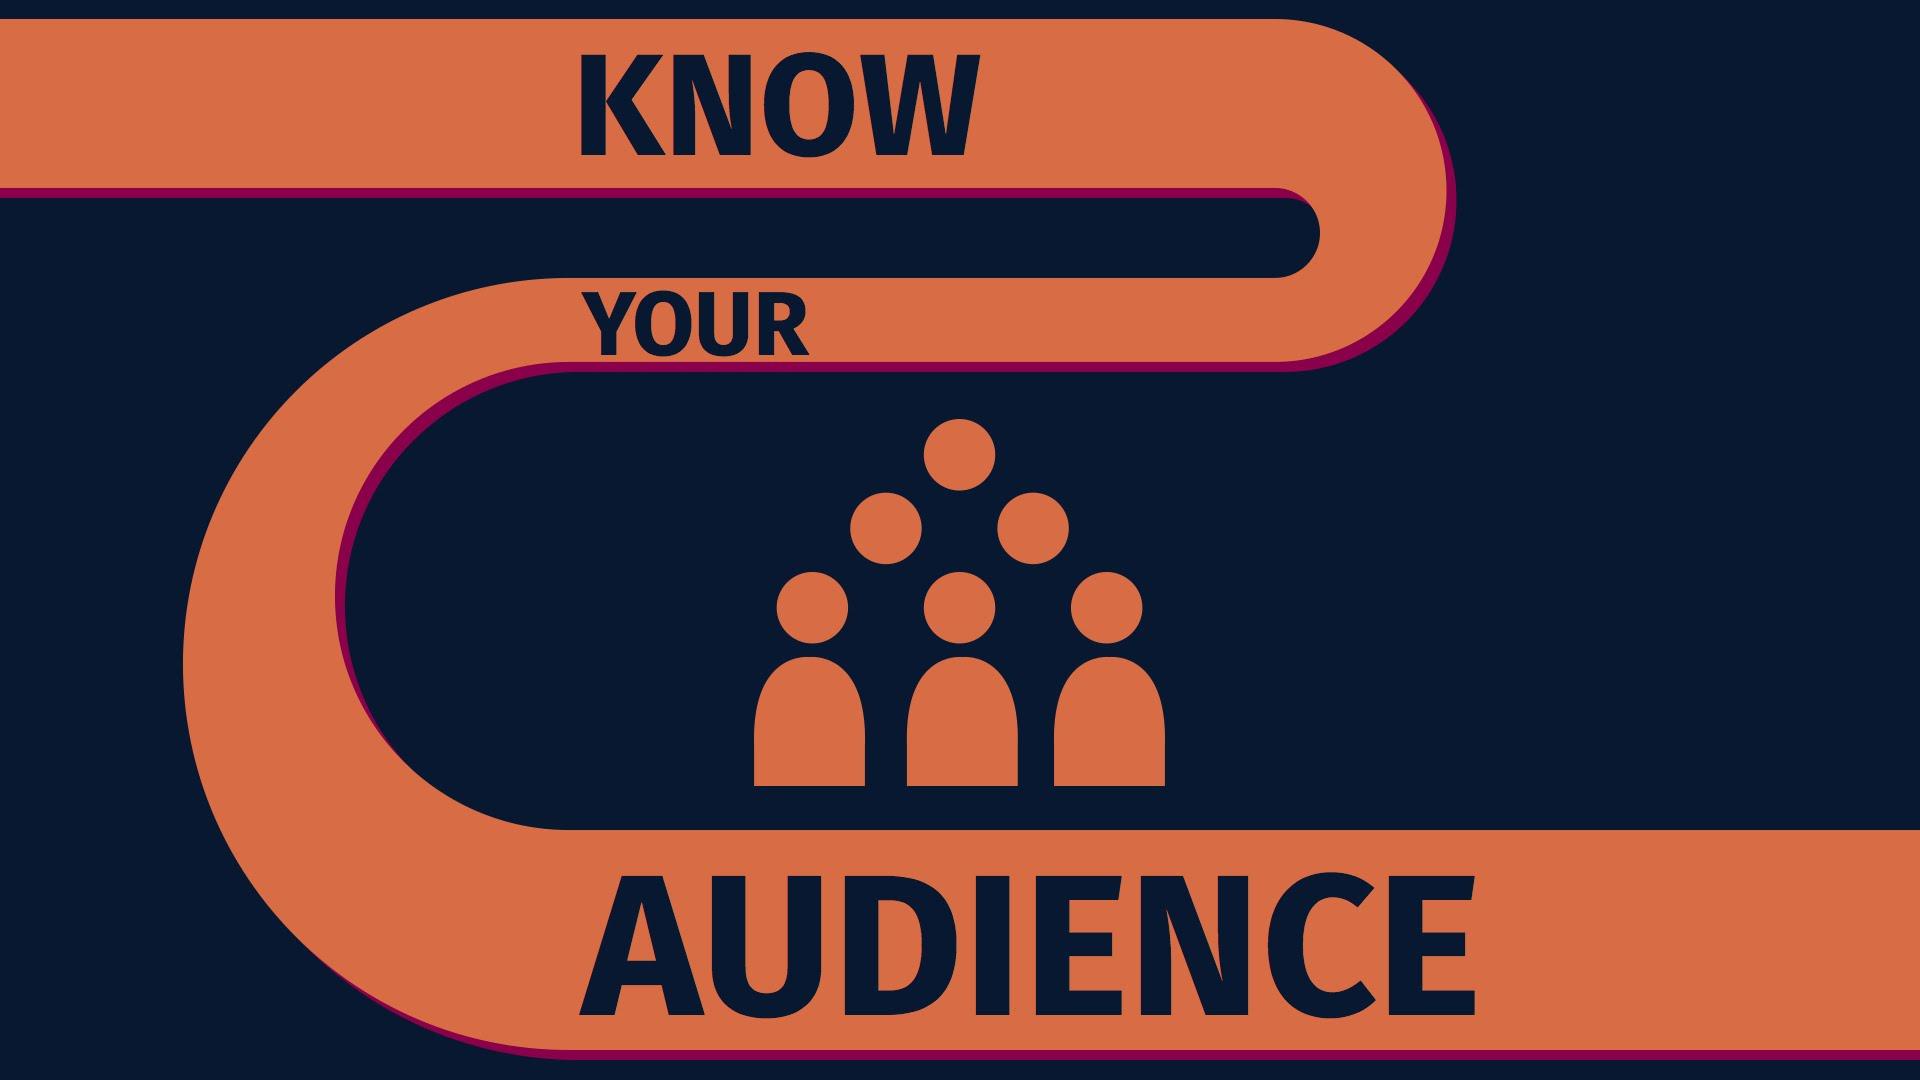 Ketahui Siapa Sasaran Dan Tujuan Marketing